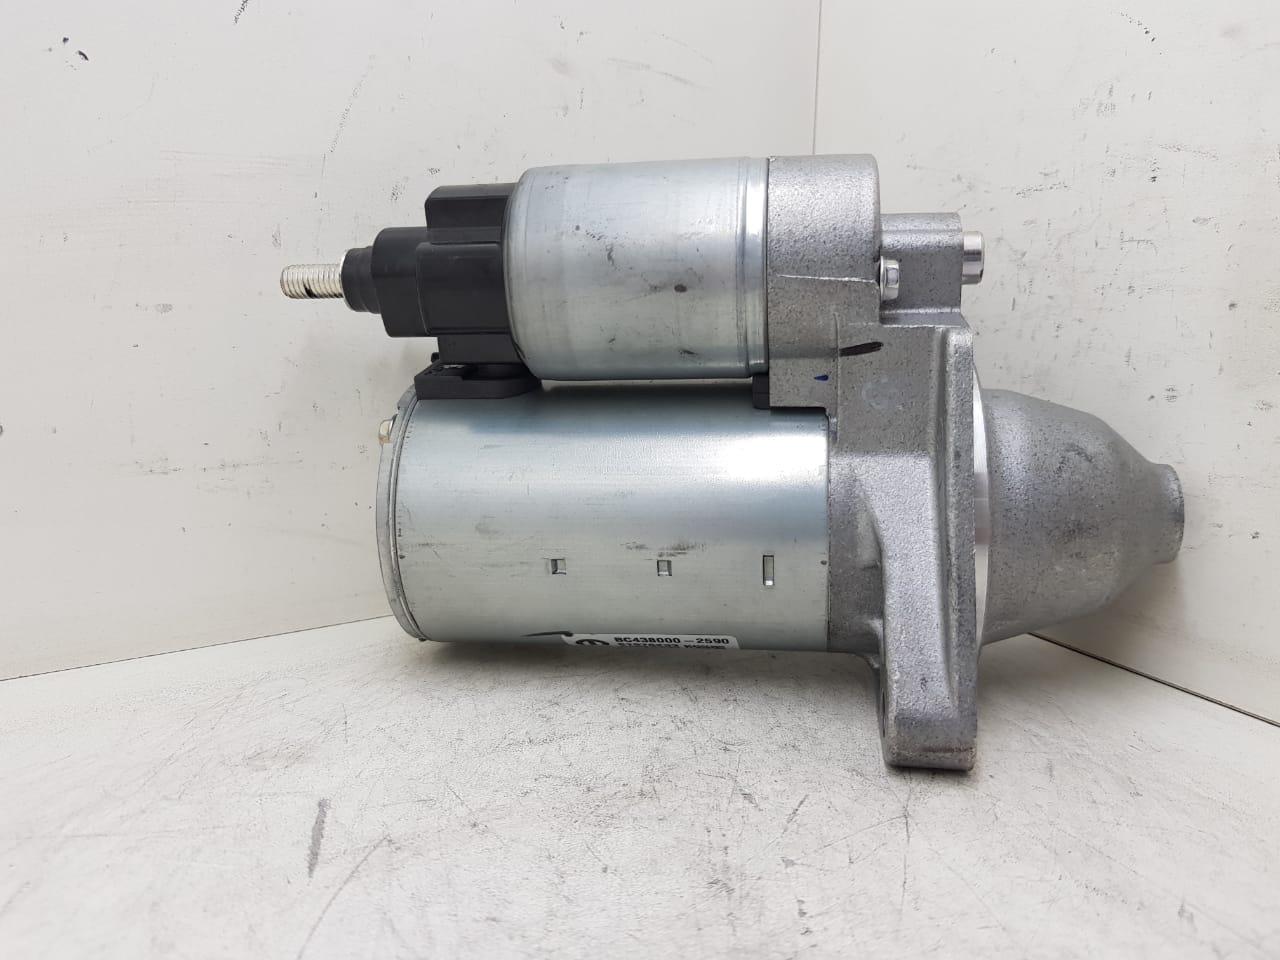 MOTOR DE ARRANQUE 12V 10D DENSO ARGO CRONOS TORO FLEX  JEEP RENEGADE 1.8 16V AUT MD 10563 51978233 BC4380002590 80023936